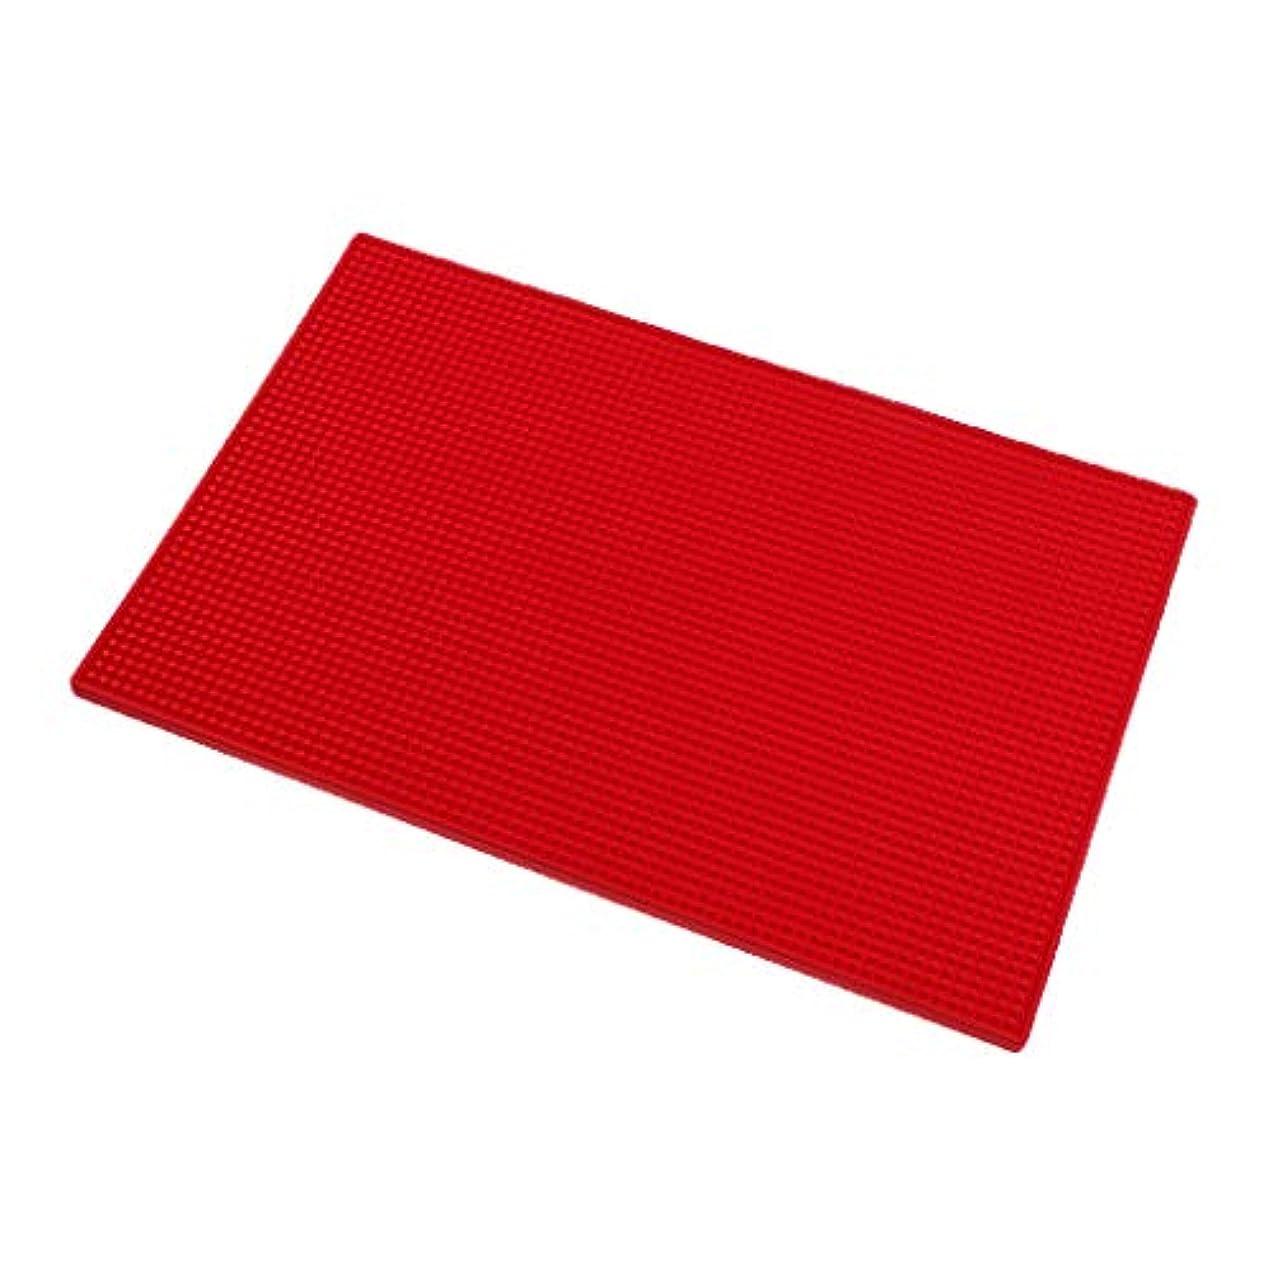 測定可能シャット共和国クッション シリコンマット ネイルアート ハンドレスト マニキュアツール 全3色 - 赤